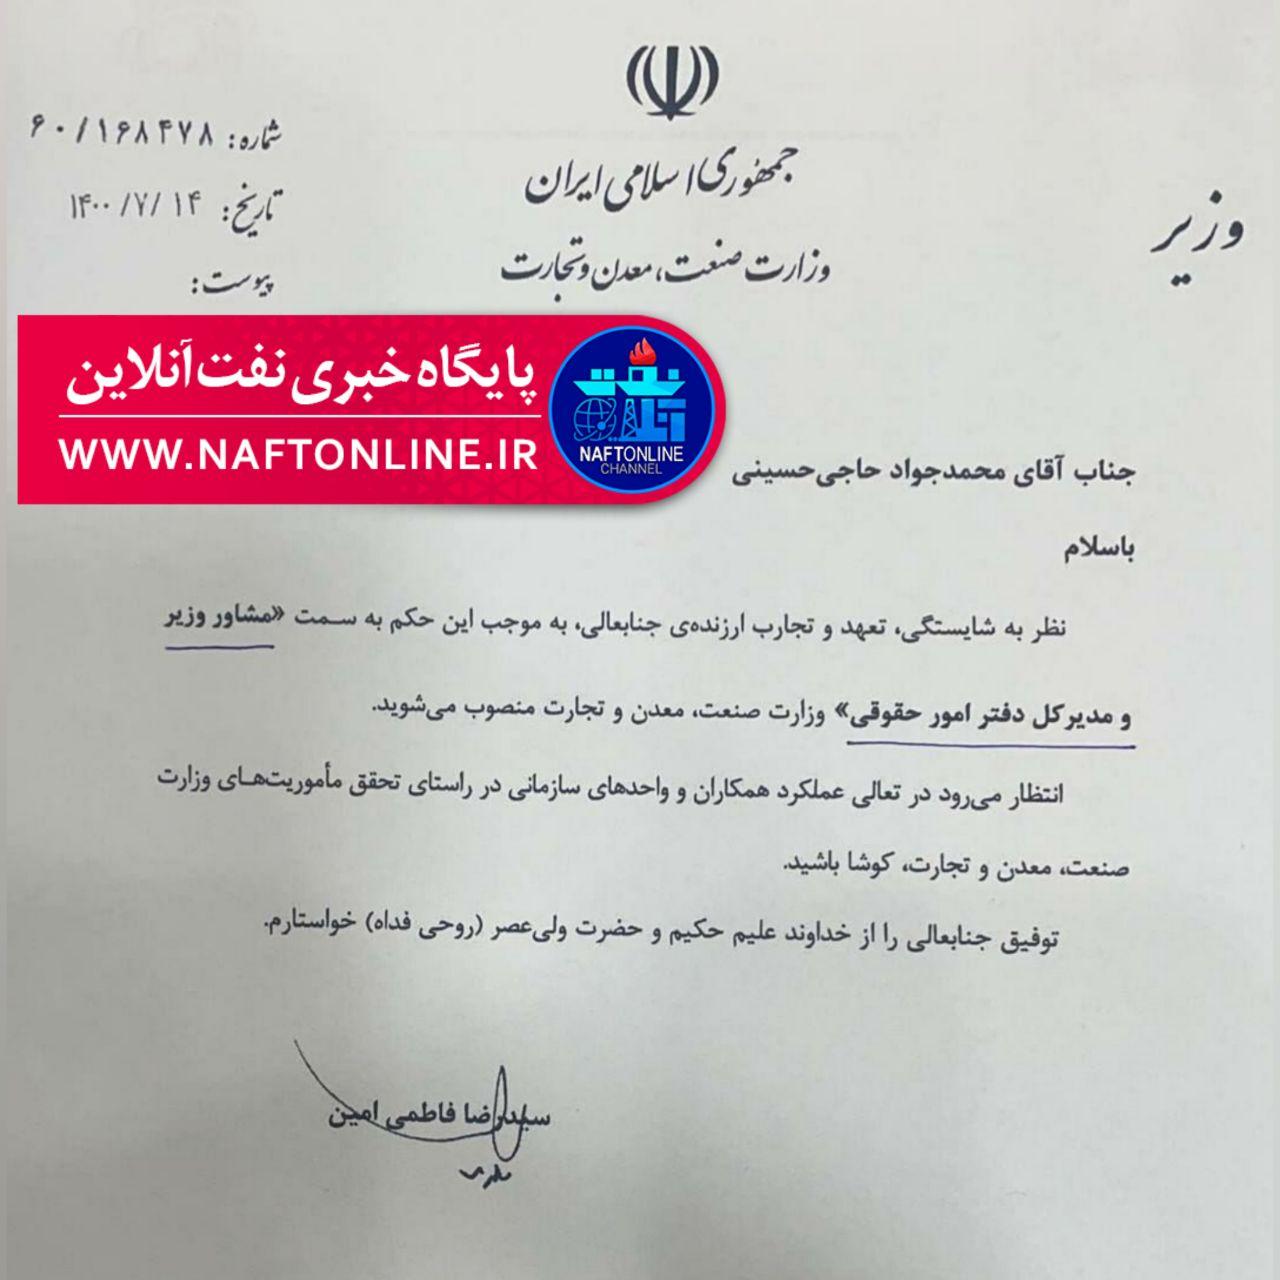 محمدجواد حاجی حسینی | مشاور وزیر و مدیرکل دفتر امور حقوقی